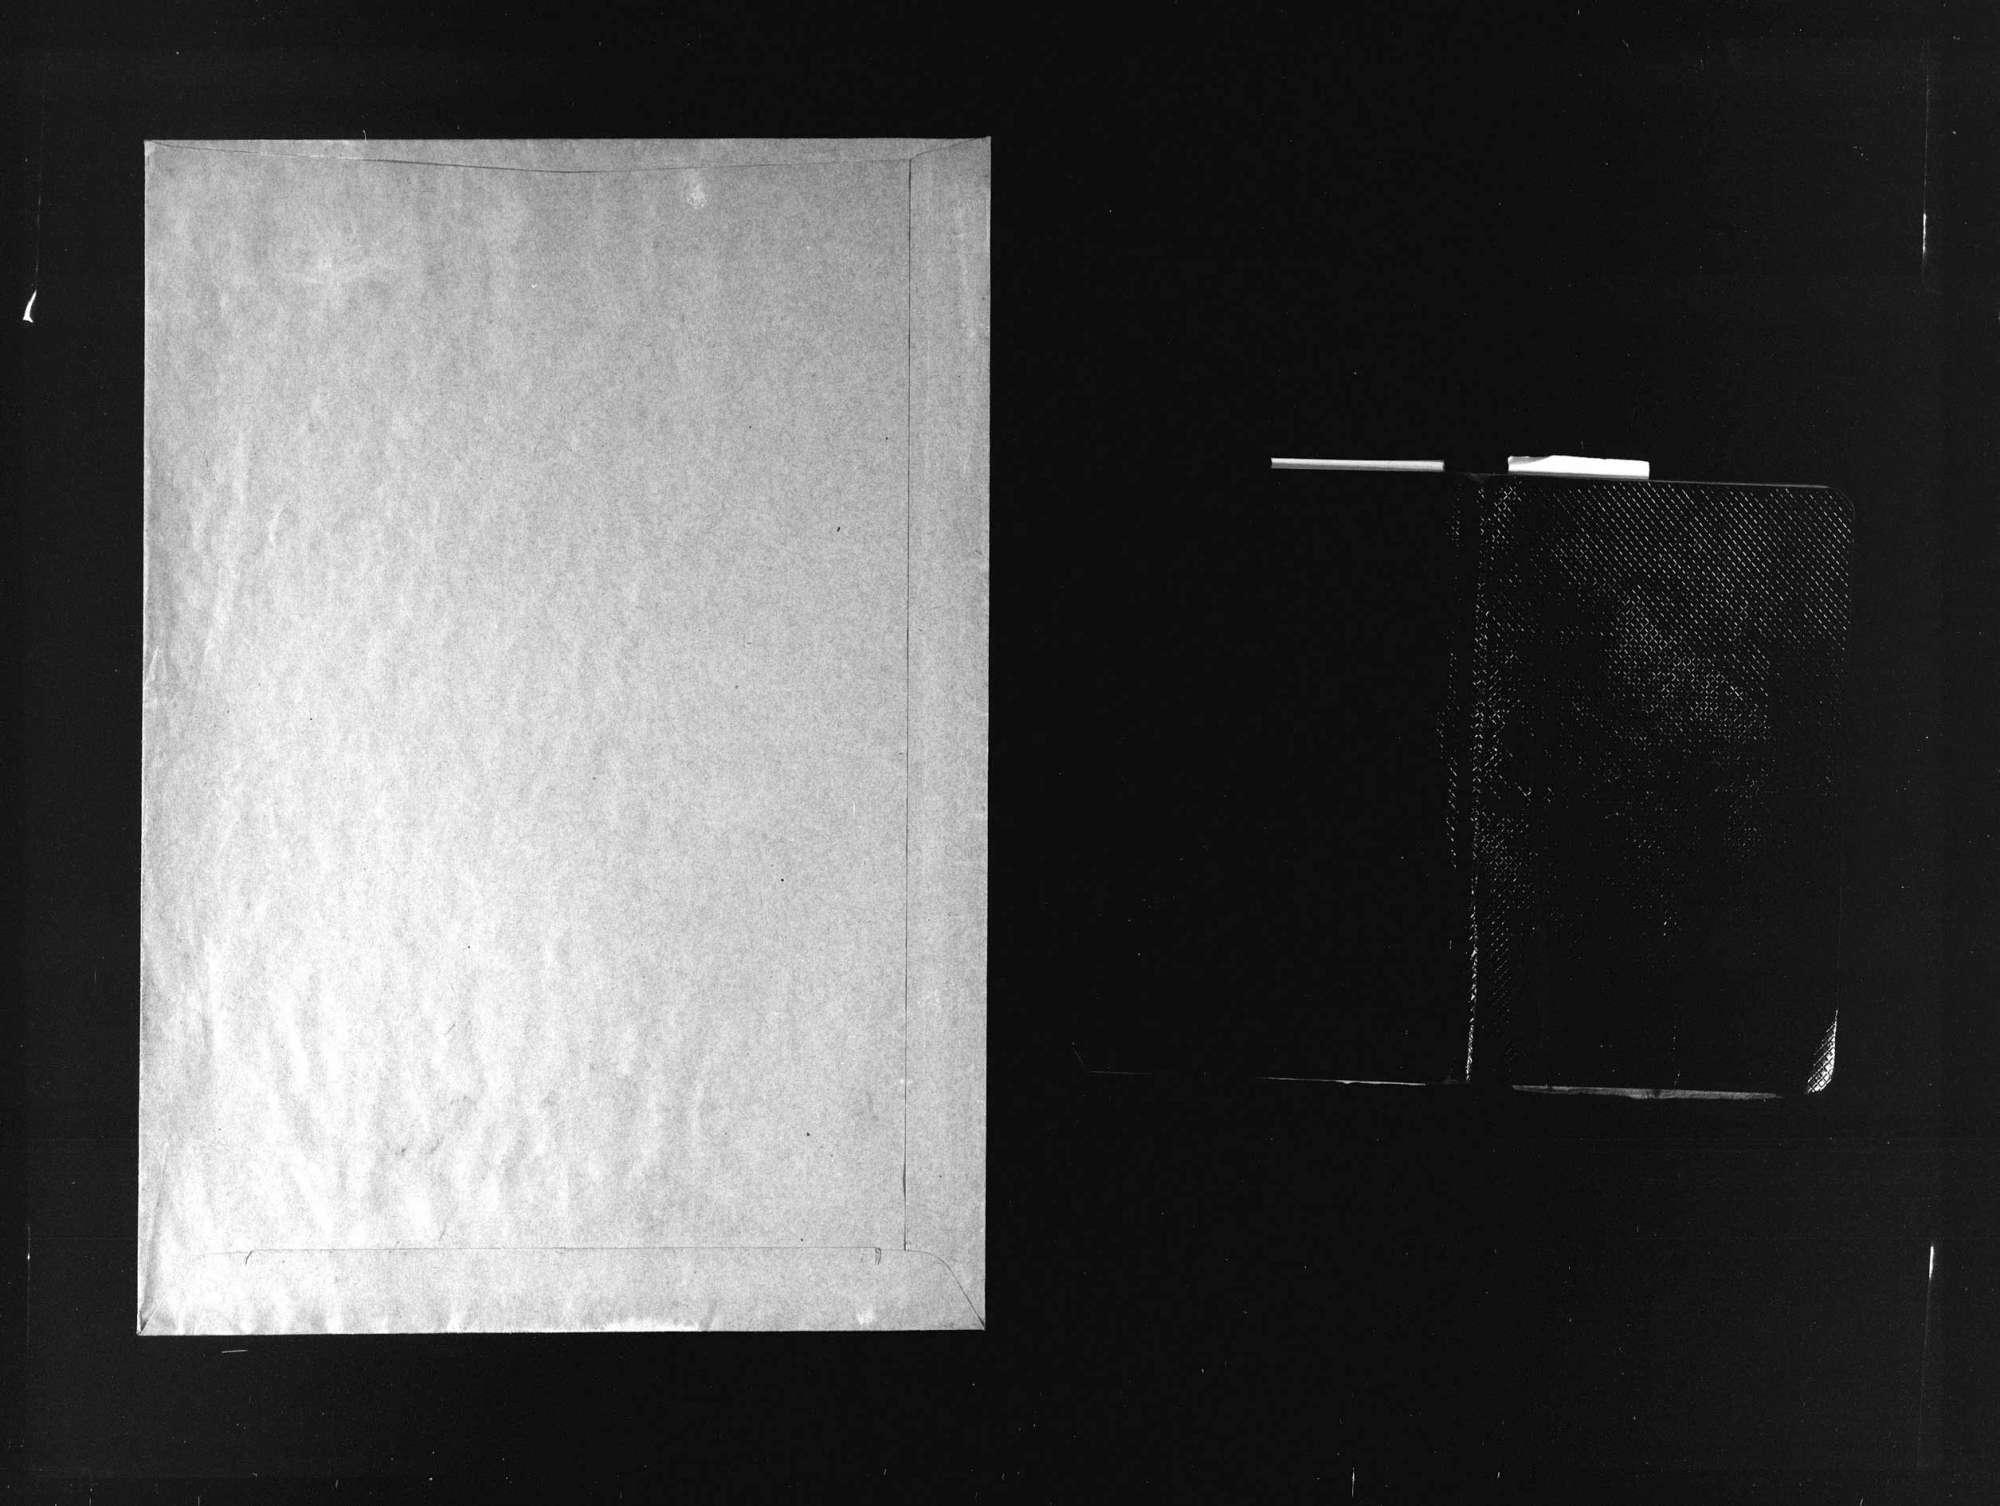 Zwei Notizbücher unbekannter Herkunft, Bild 2